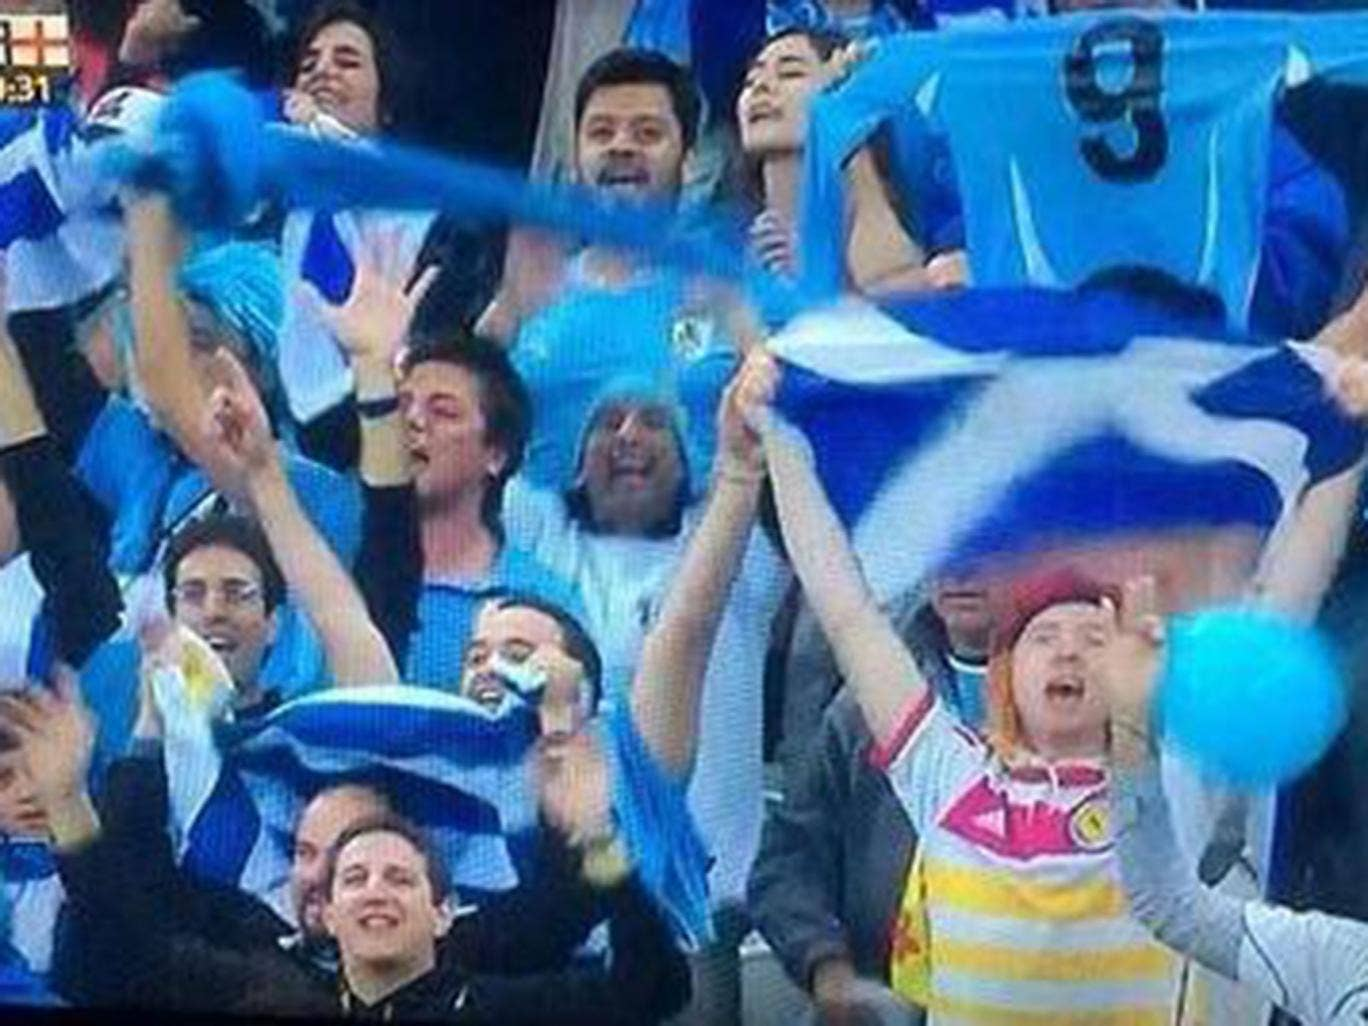 Scotland fan Mark McConville